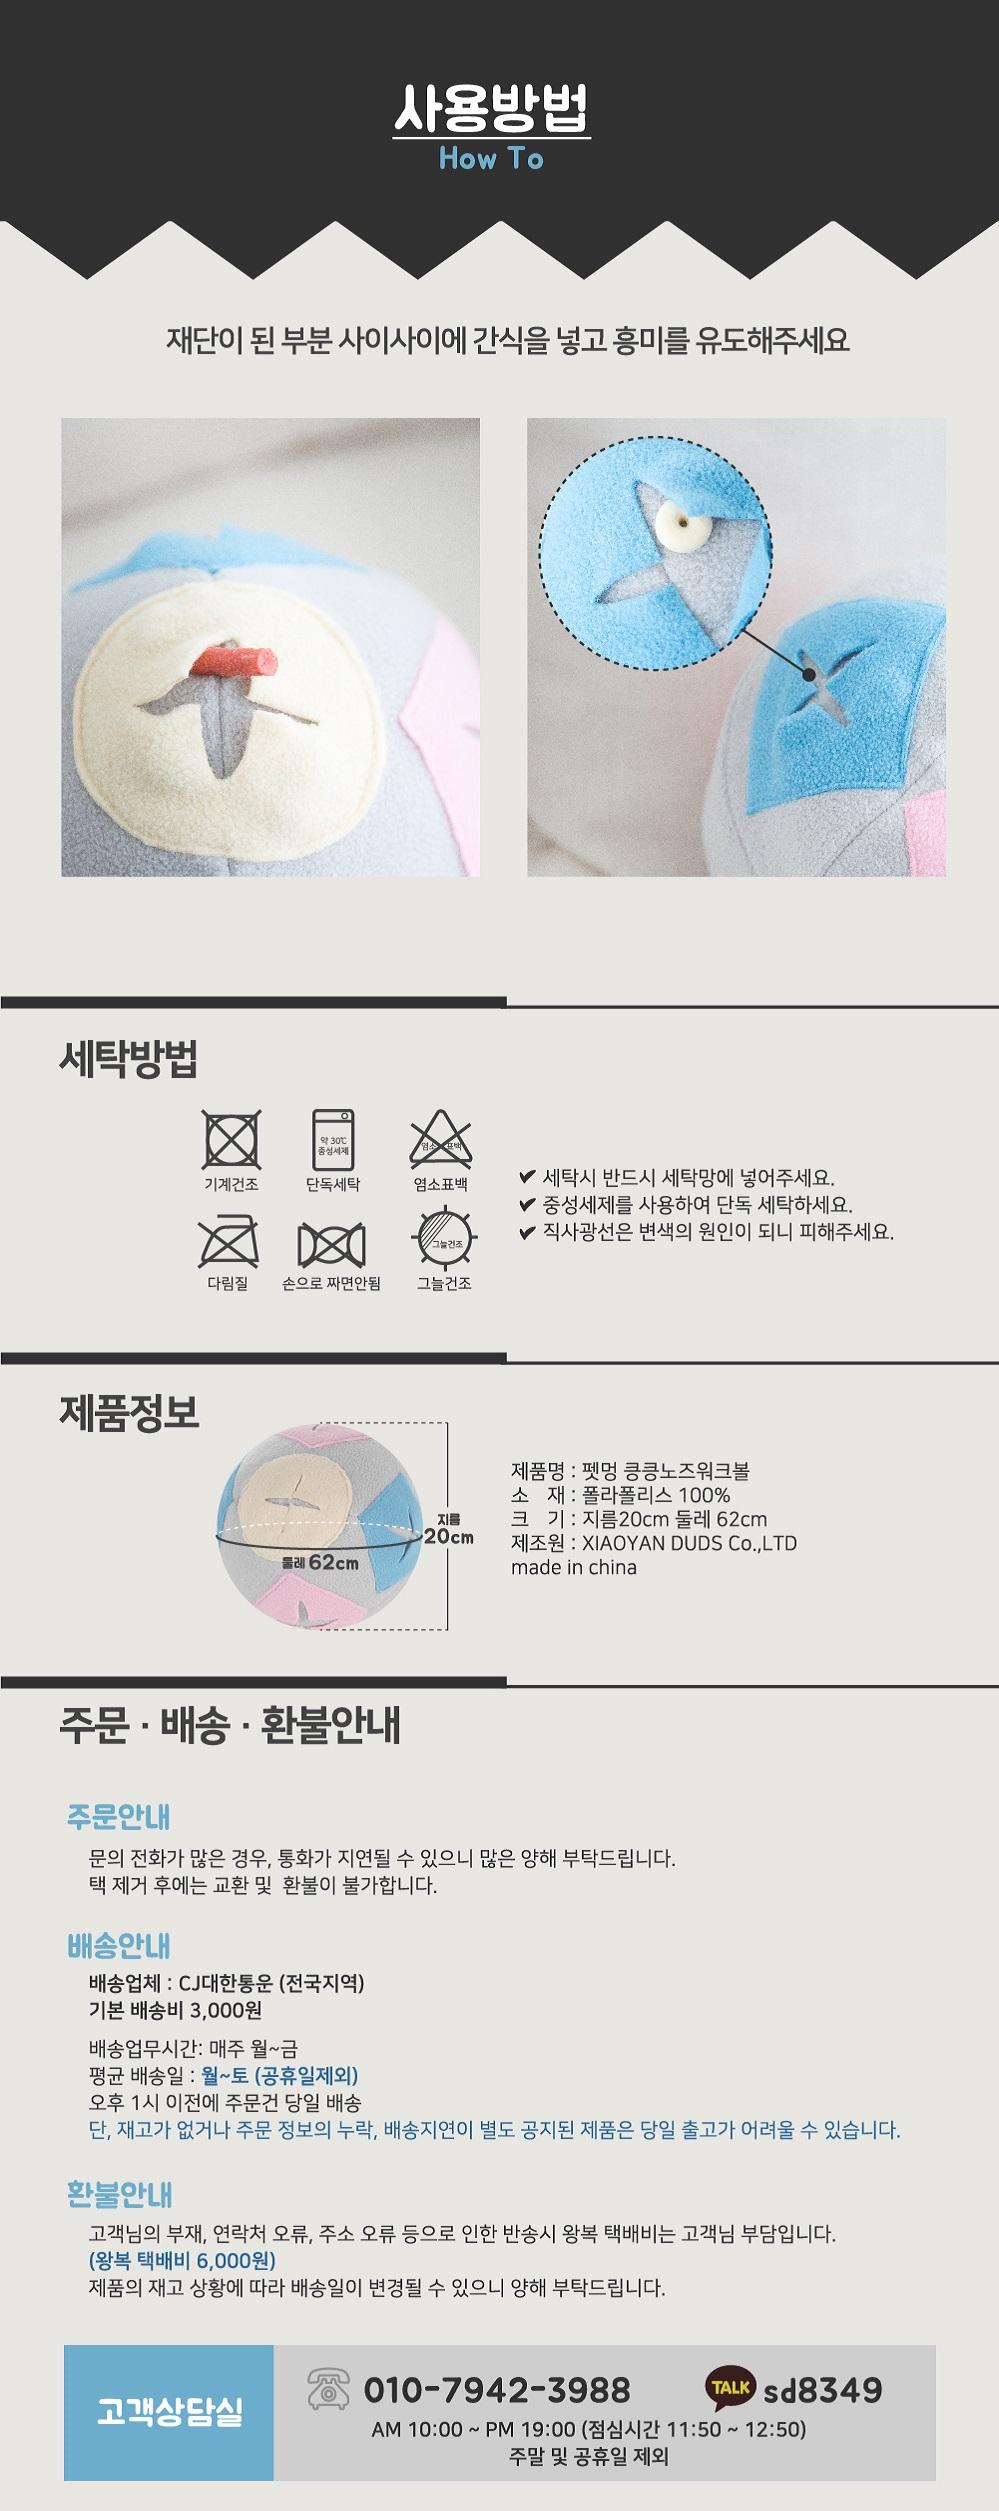 펫멍 킁킁노즈워크볼 - 펫멍, 18,900원, 장난감/훈련용품, 장난감